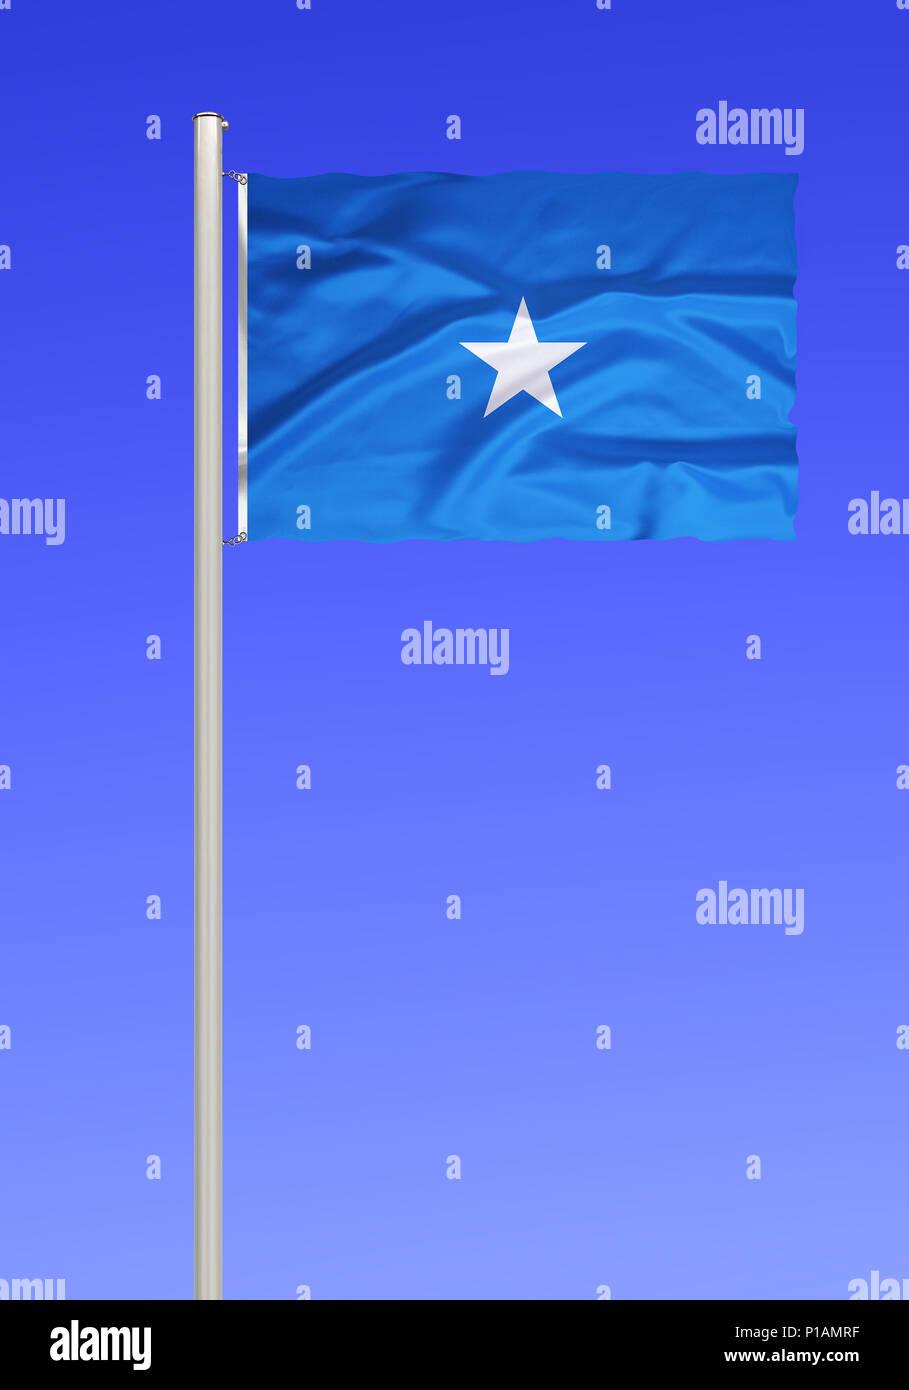 Flag of Somalia, East Africa, Africa, Flagge von Somalia, Ostafrika, Afrika - Stock Image